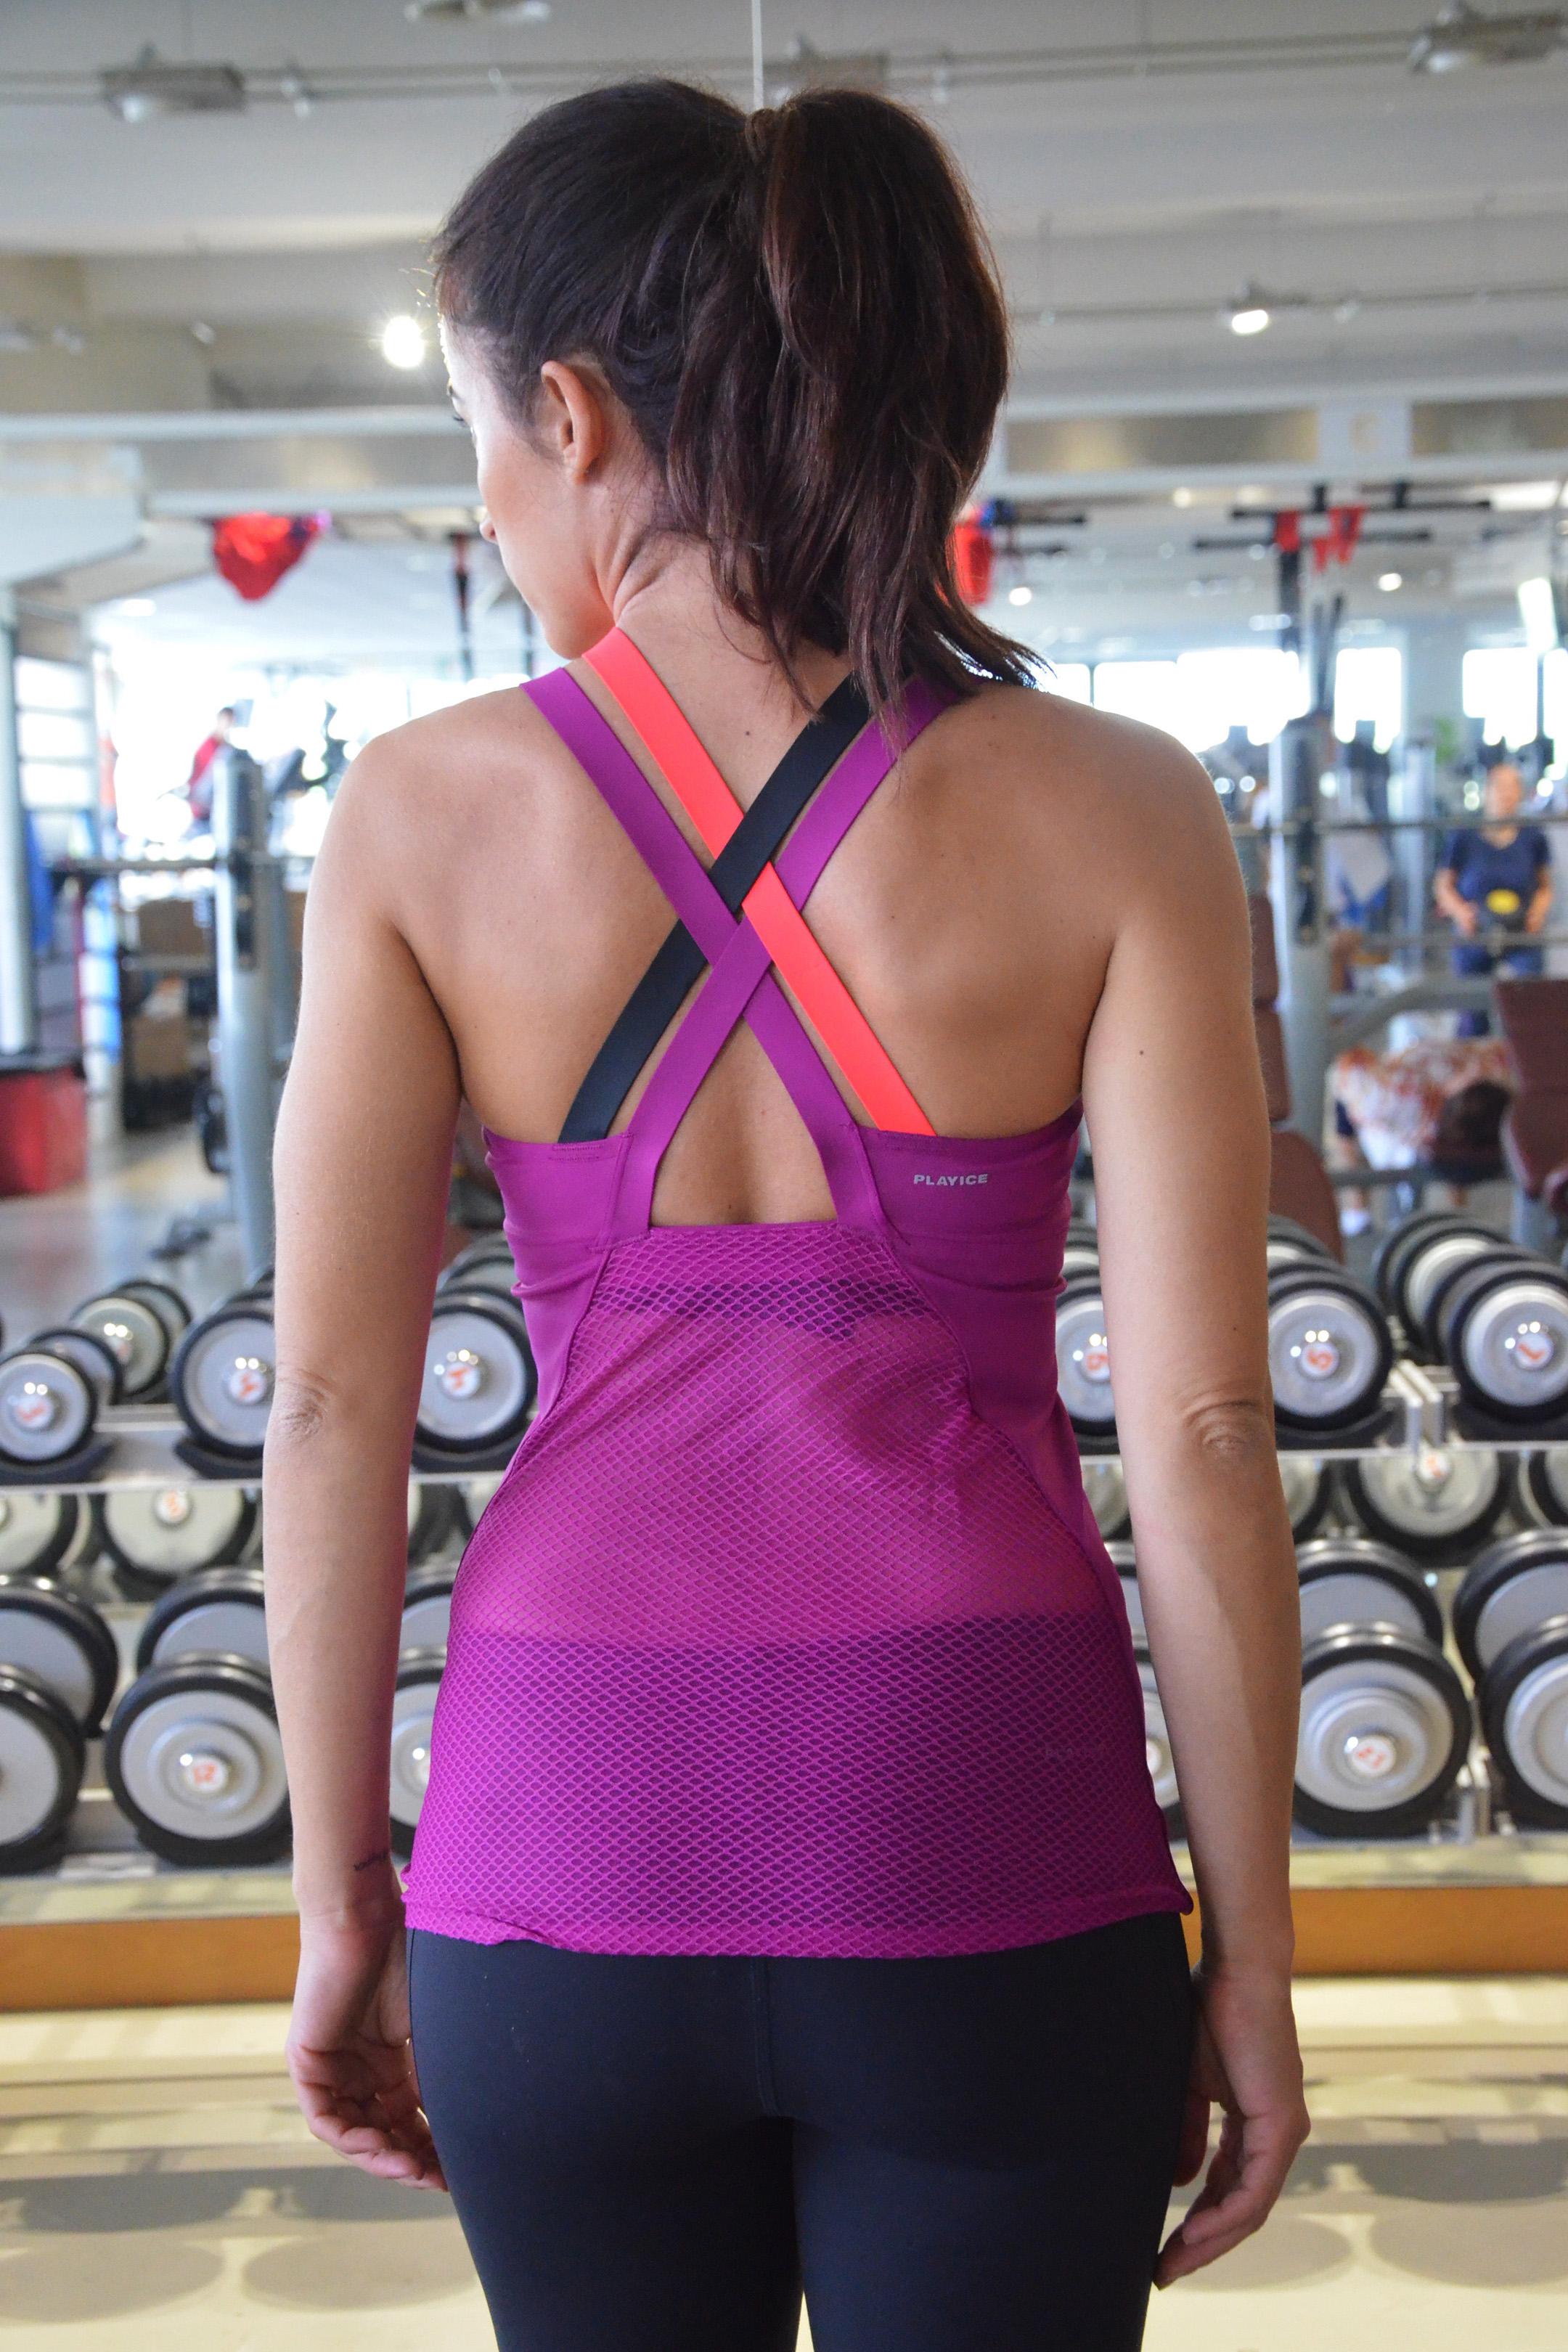 vicenzafitness-allenamento-funzionale-alessia-canella-reebok-pump-top-incrociato